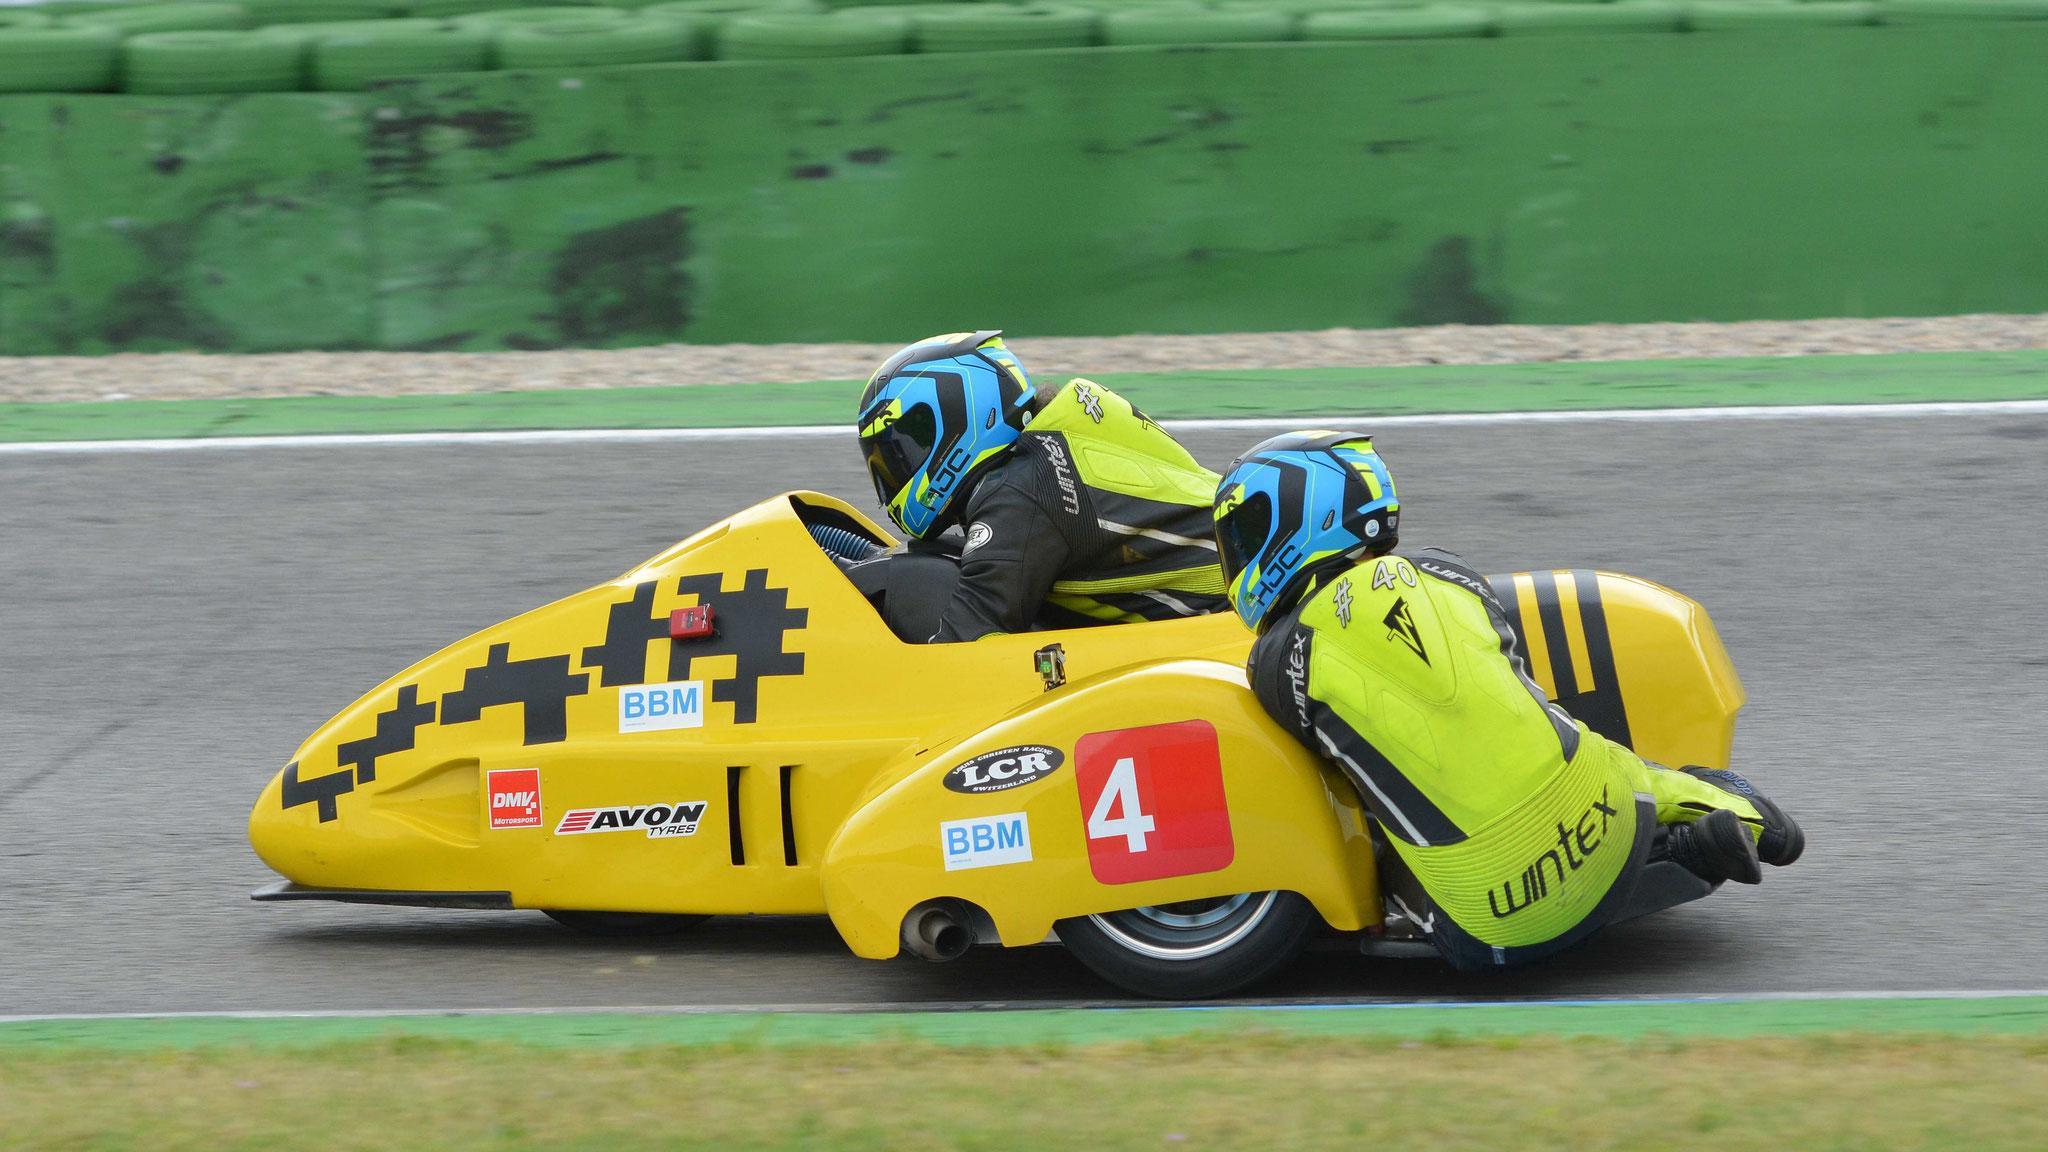 Klaus Pickl / Malte Pecksen - Suzuki F2 - Baujahr 2008